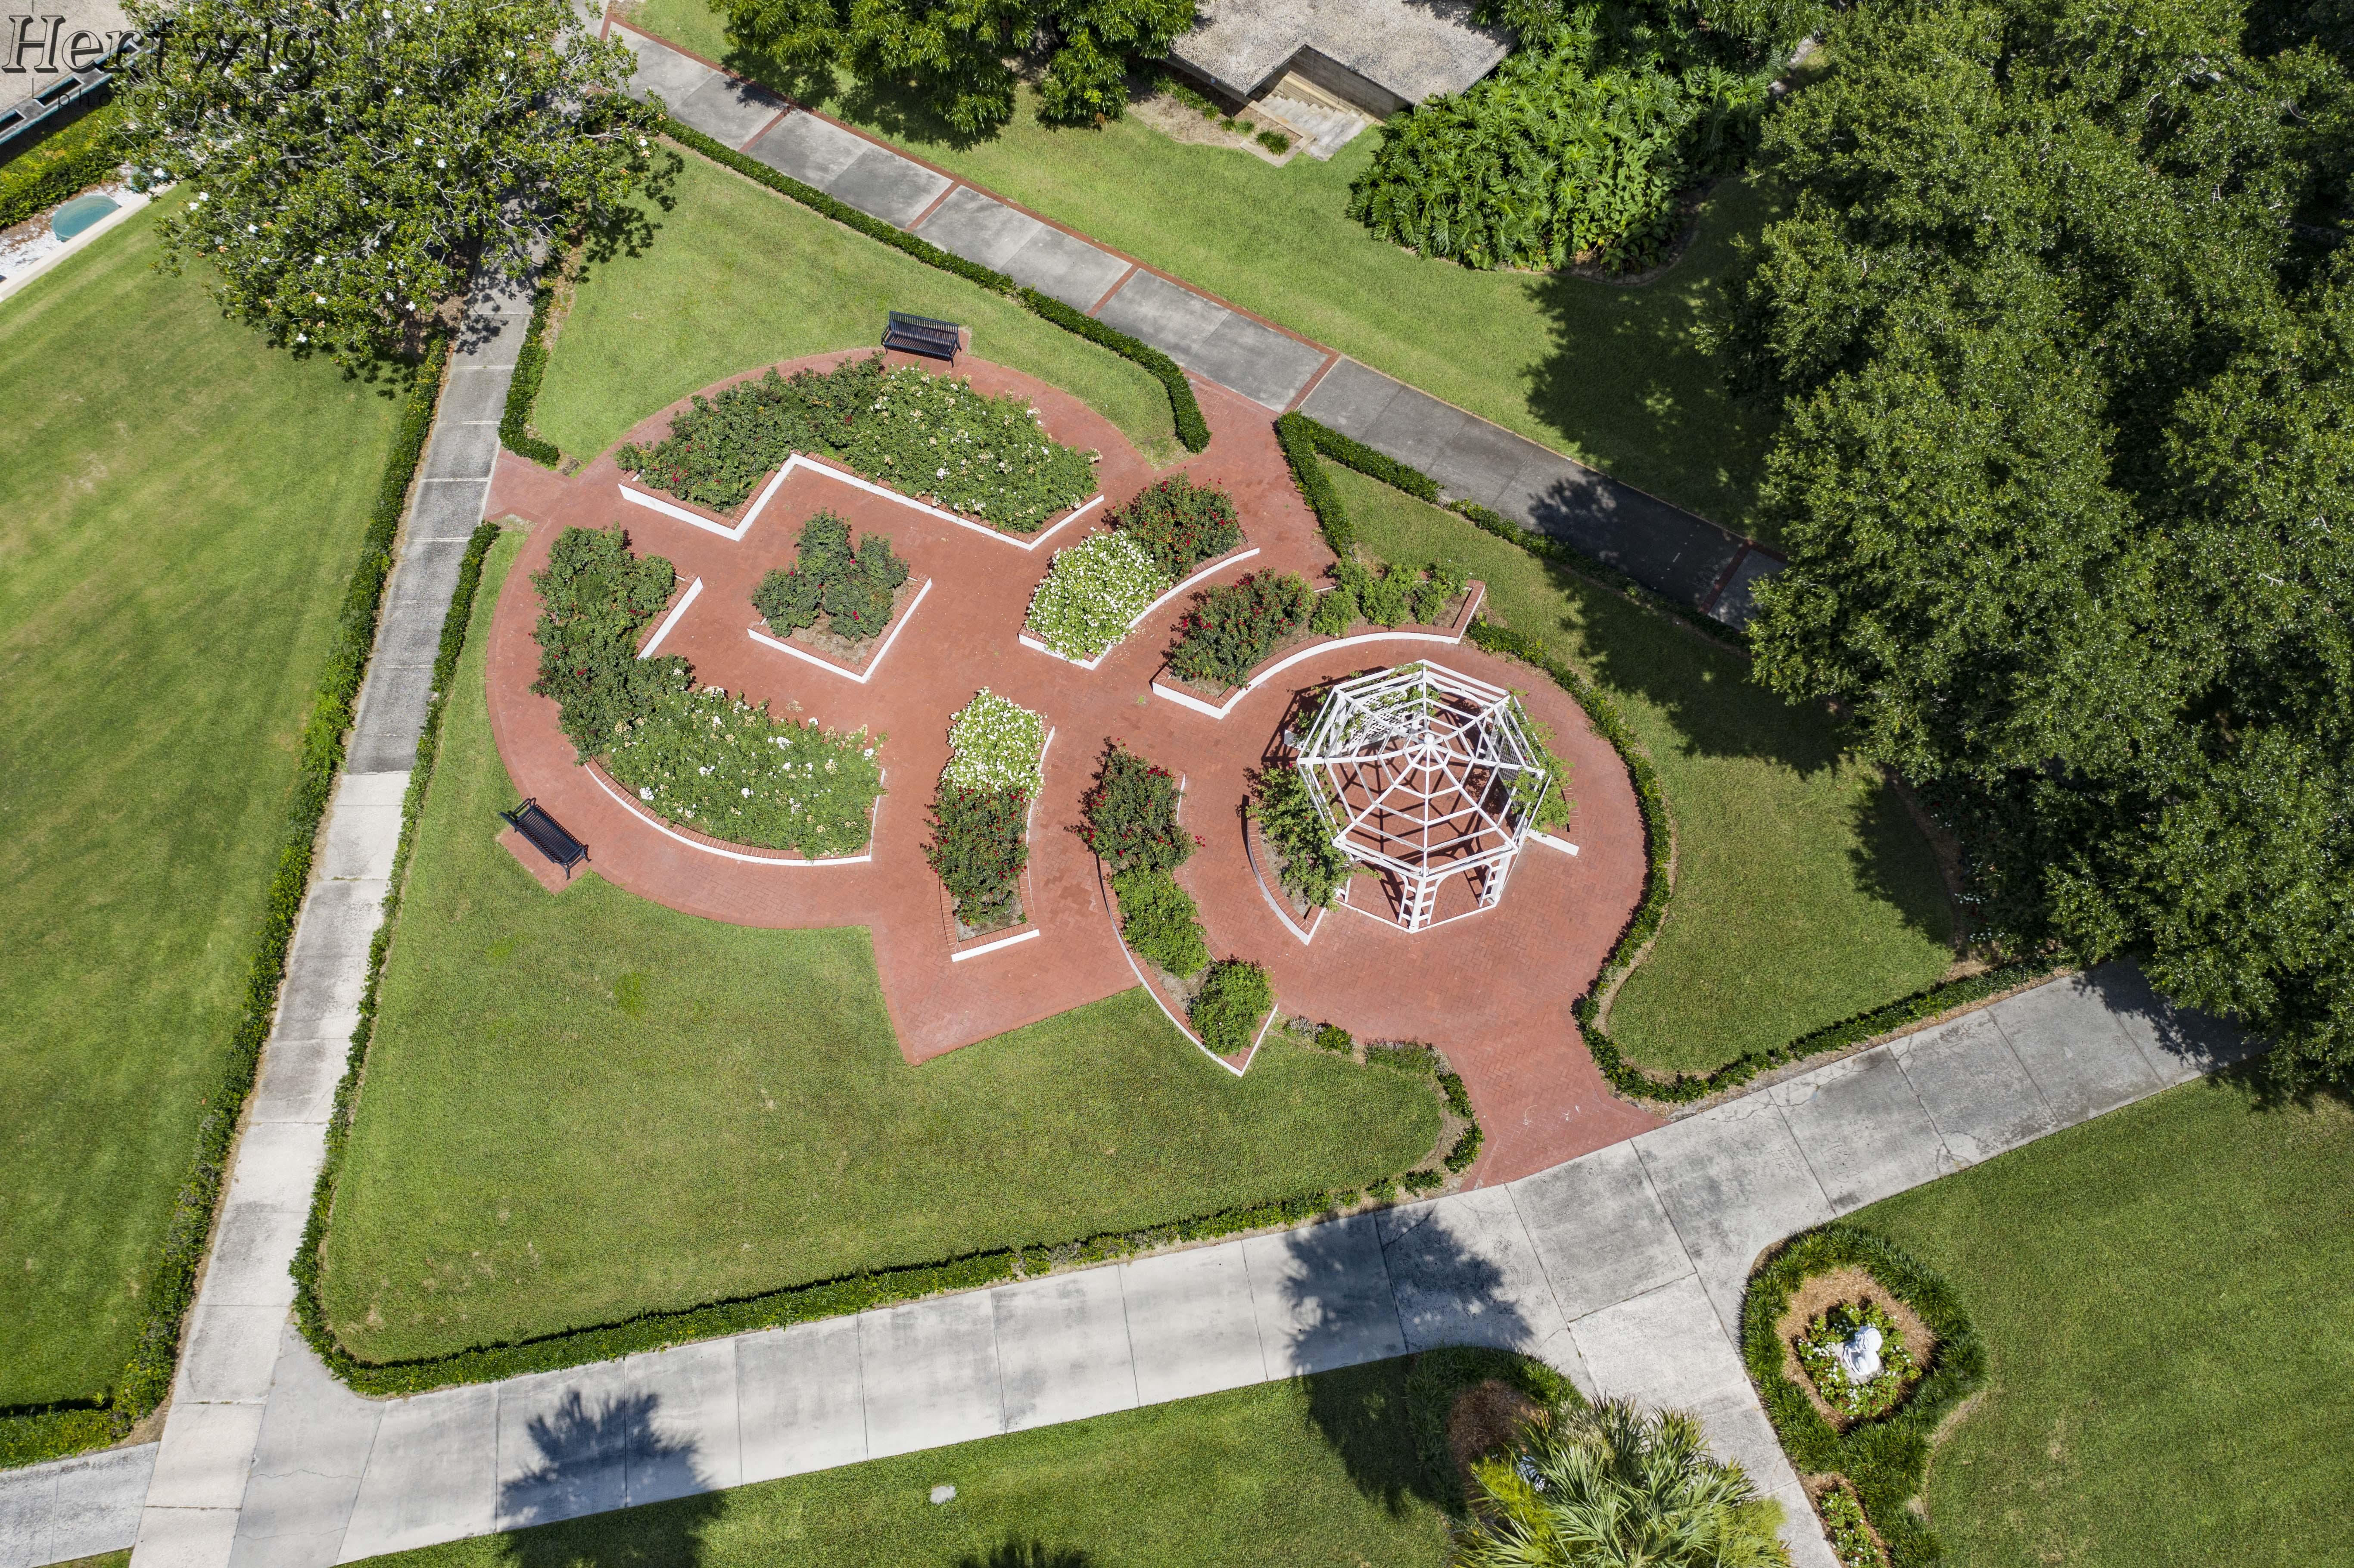 Campus Gardens